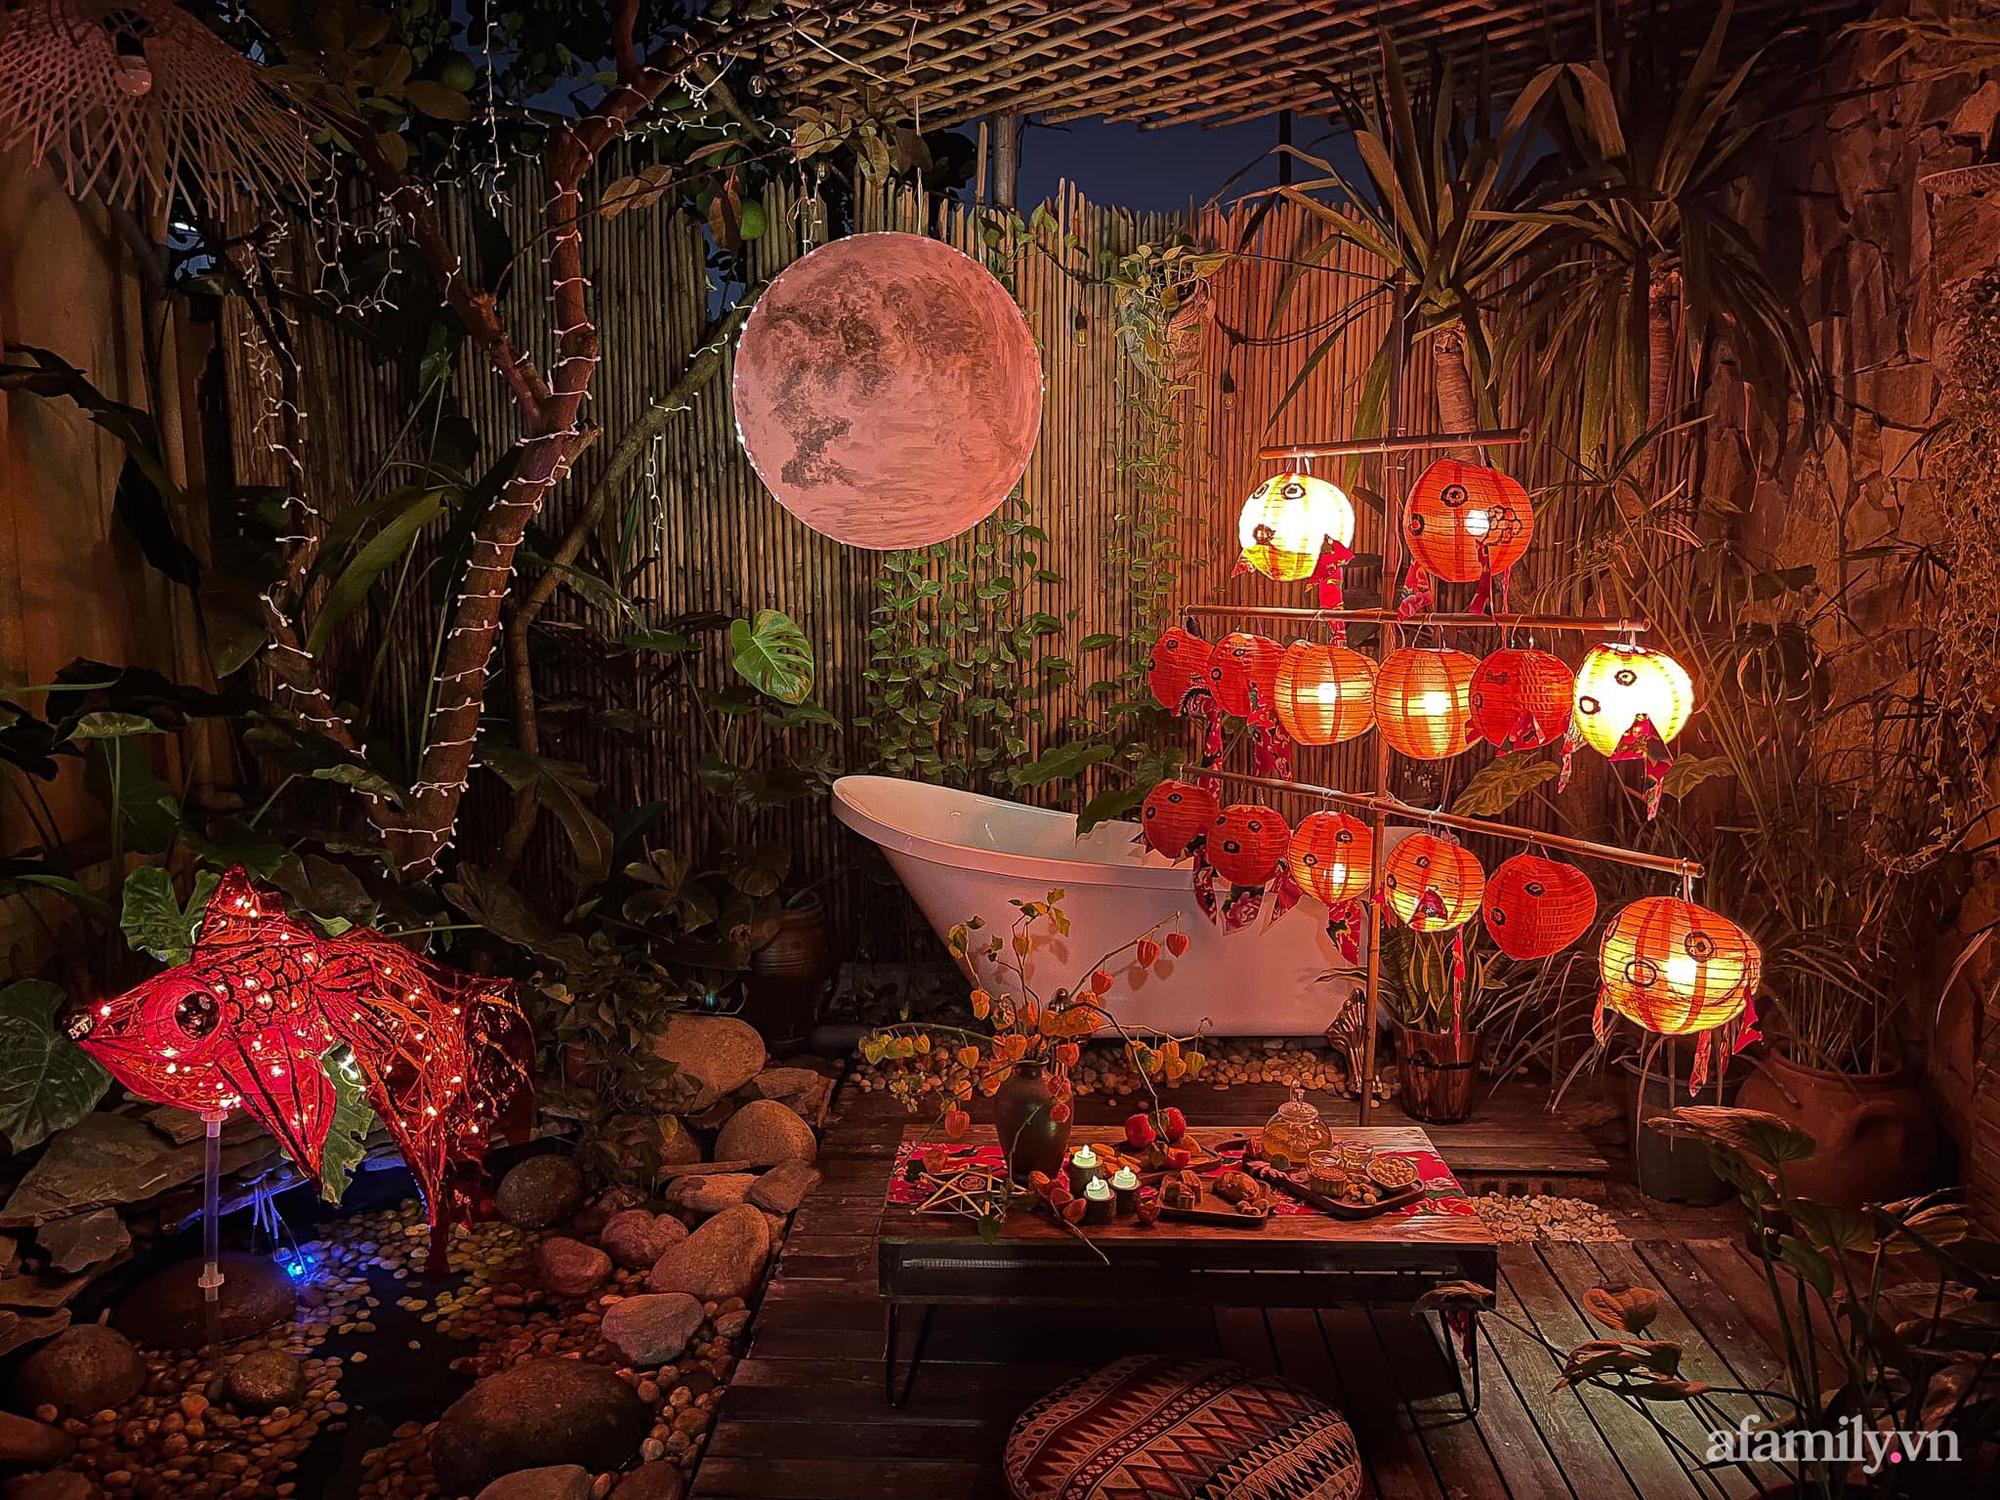 Phòng ngủ lung linh rực rỡ sắc màu Trung thu nhờ bàn tay khéo decor của cô gái Hà Nội-2